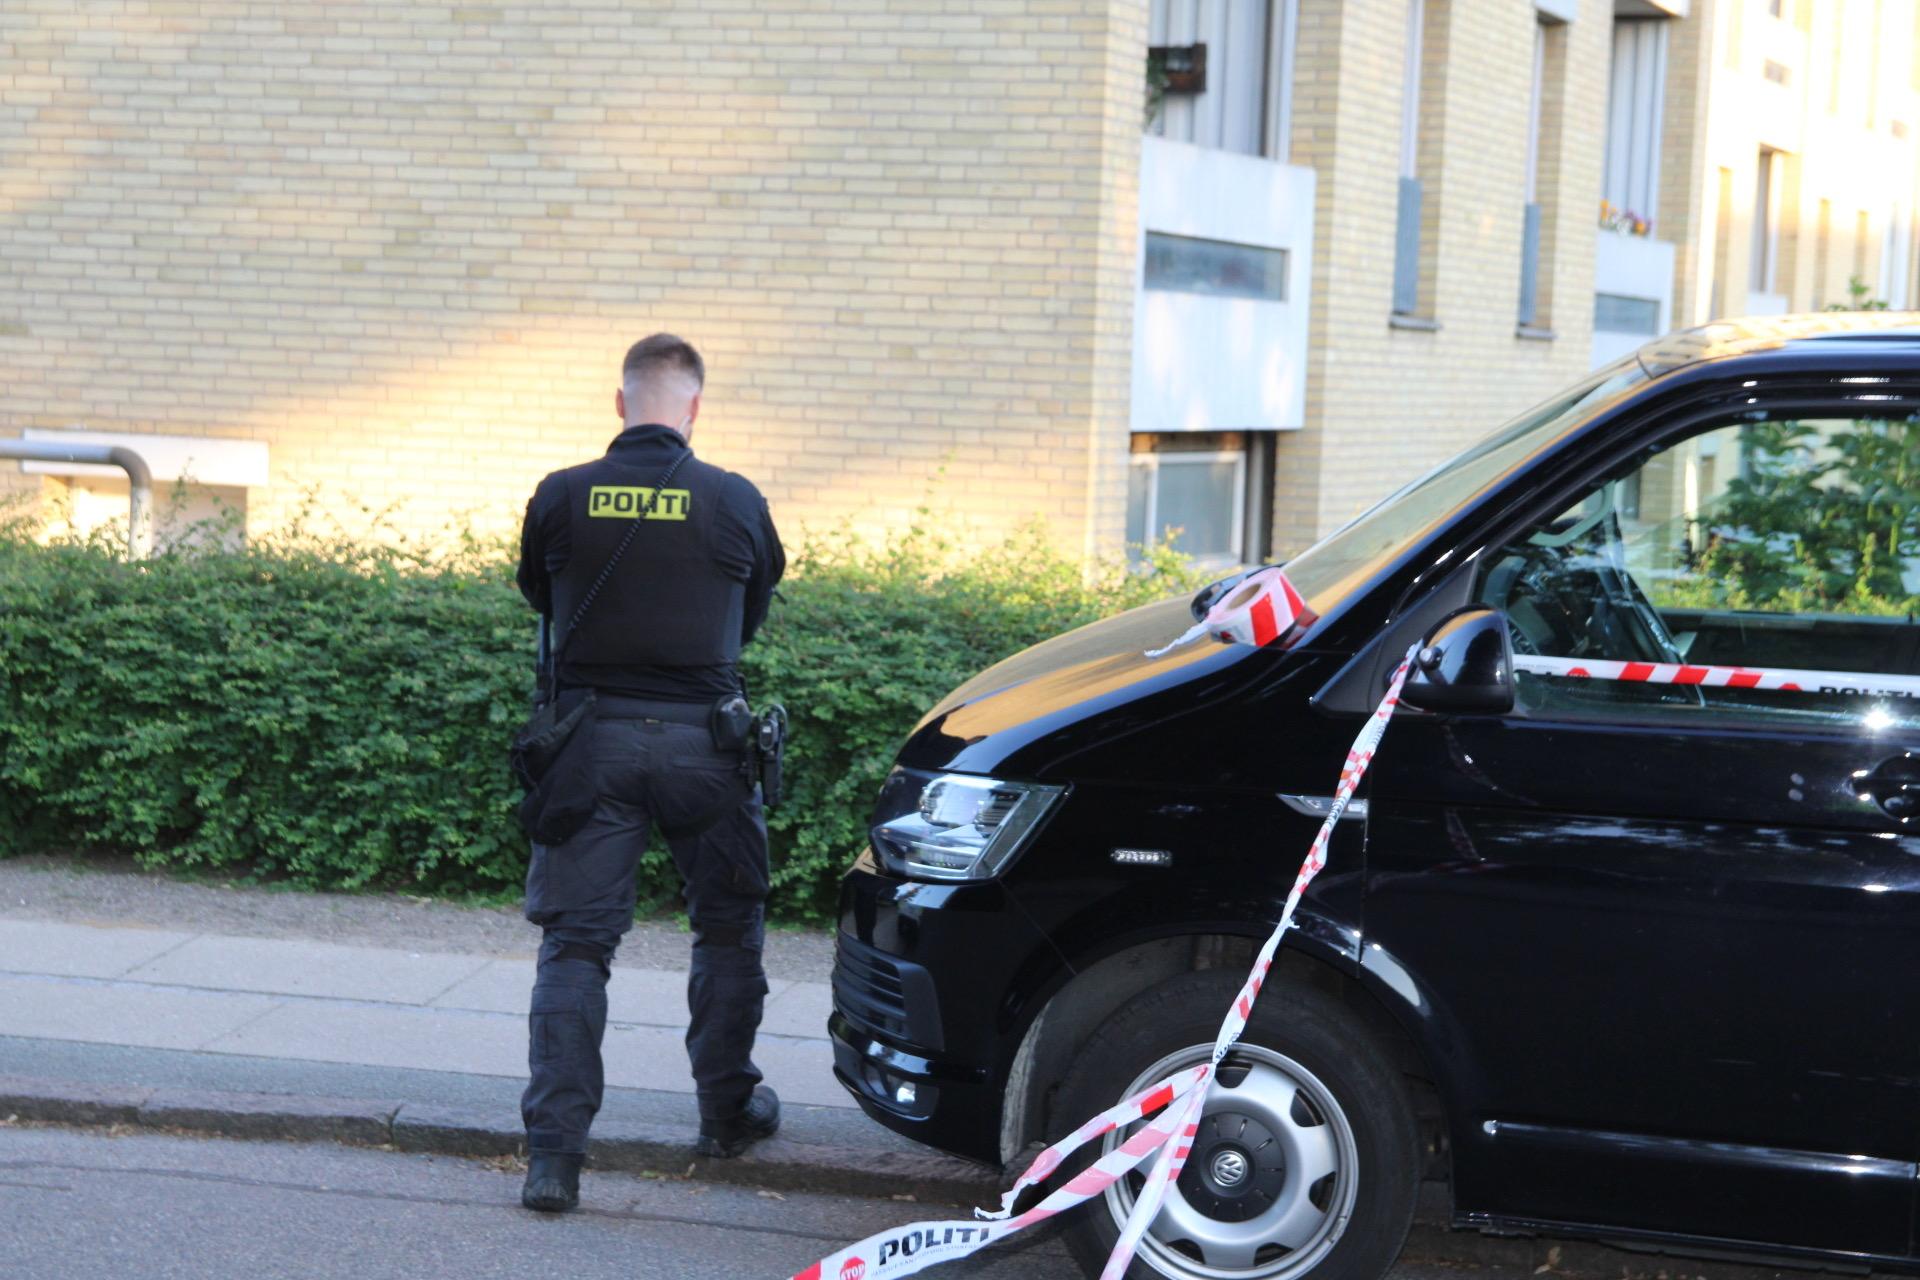 Politiet talstærkt til stede i Ballerup